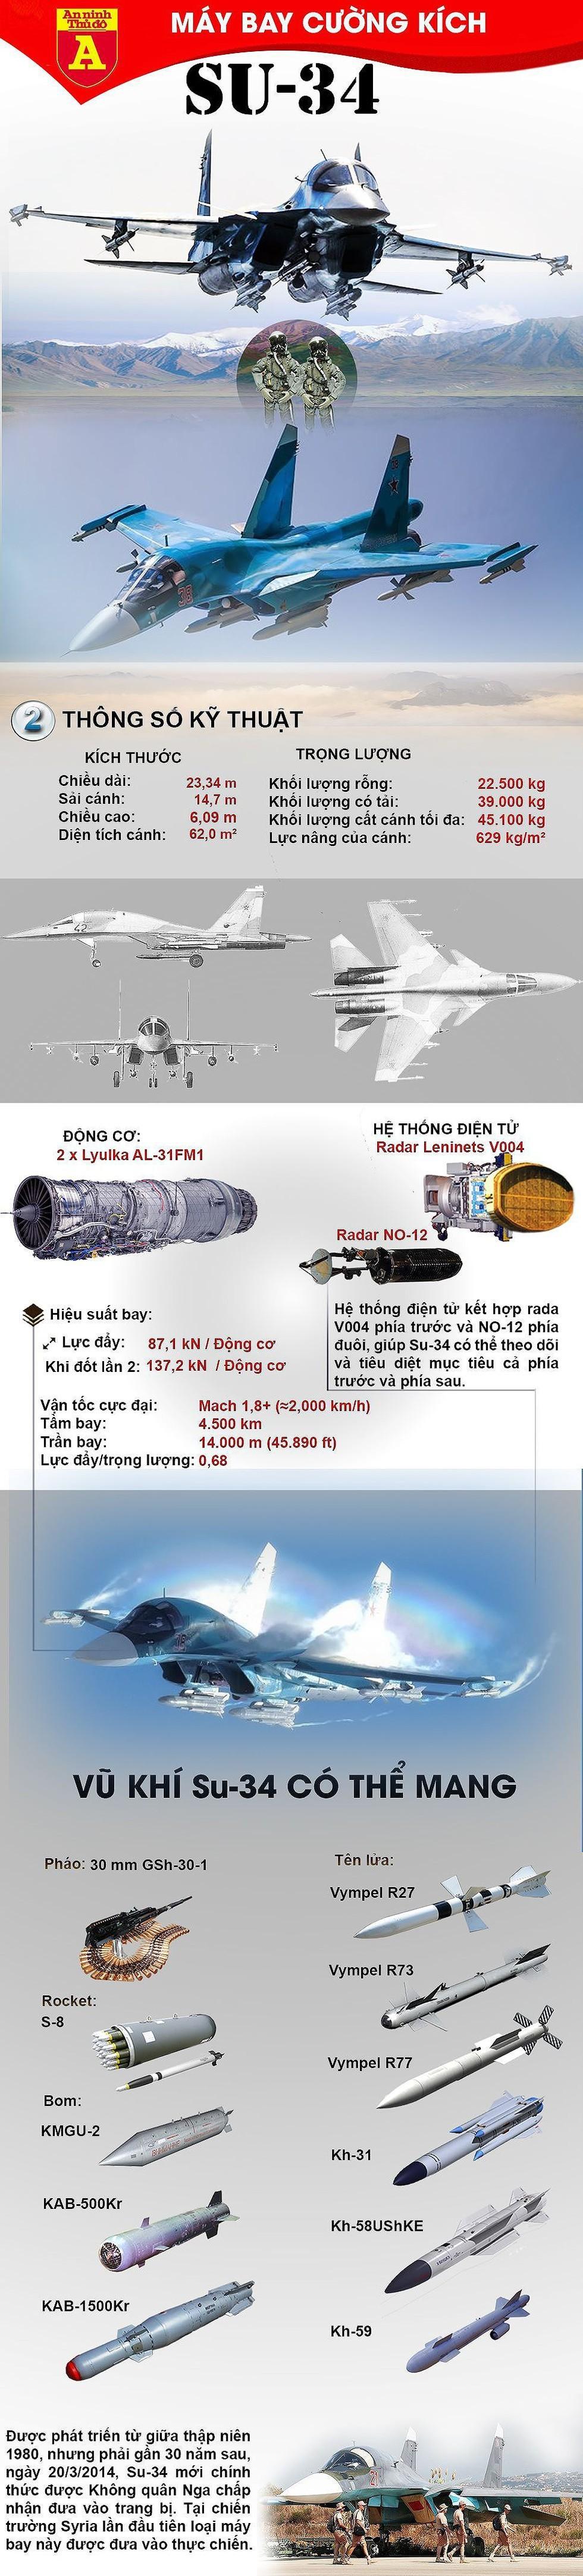 [Info] Sau nâng cấp, 'xe tăng bay' Su-34 Nga quay lại Syria tìm kiếm hào quang ảnh 2